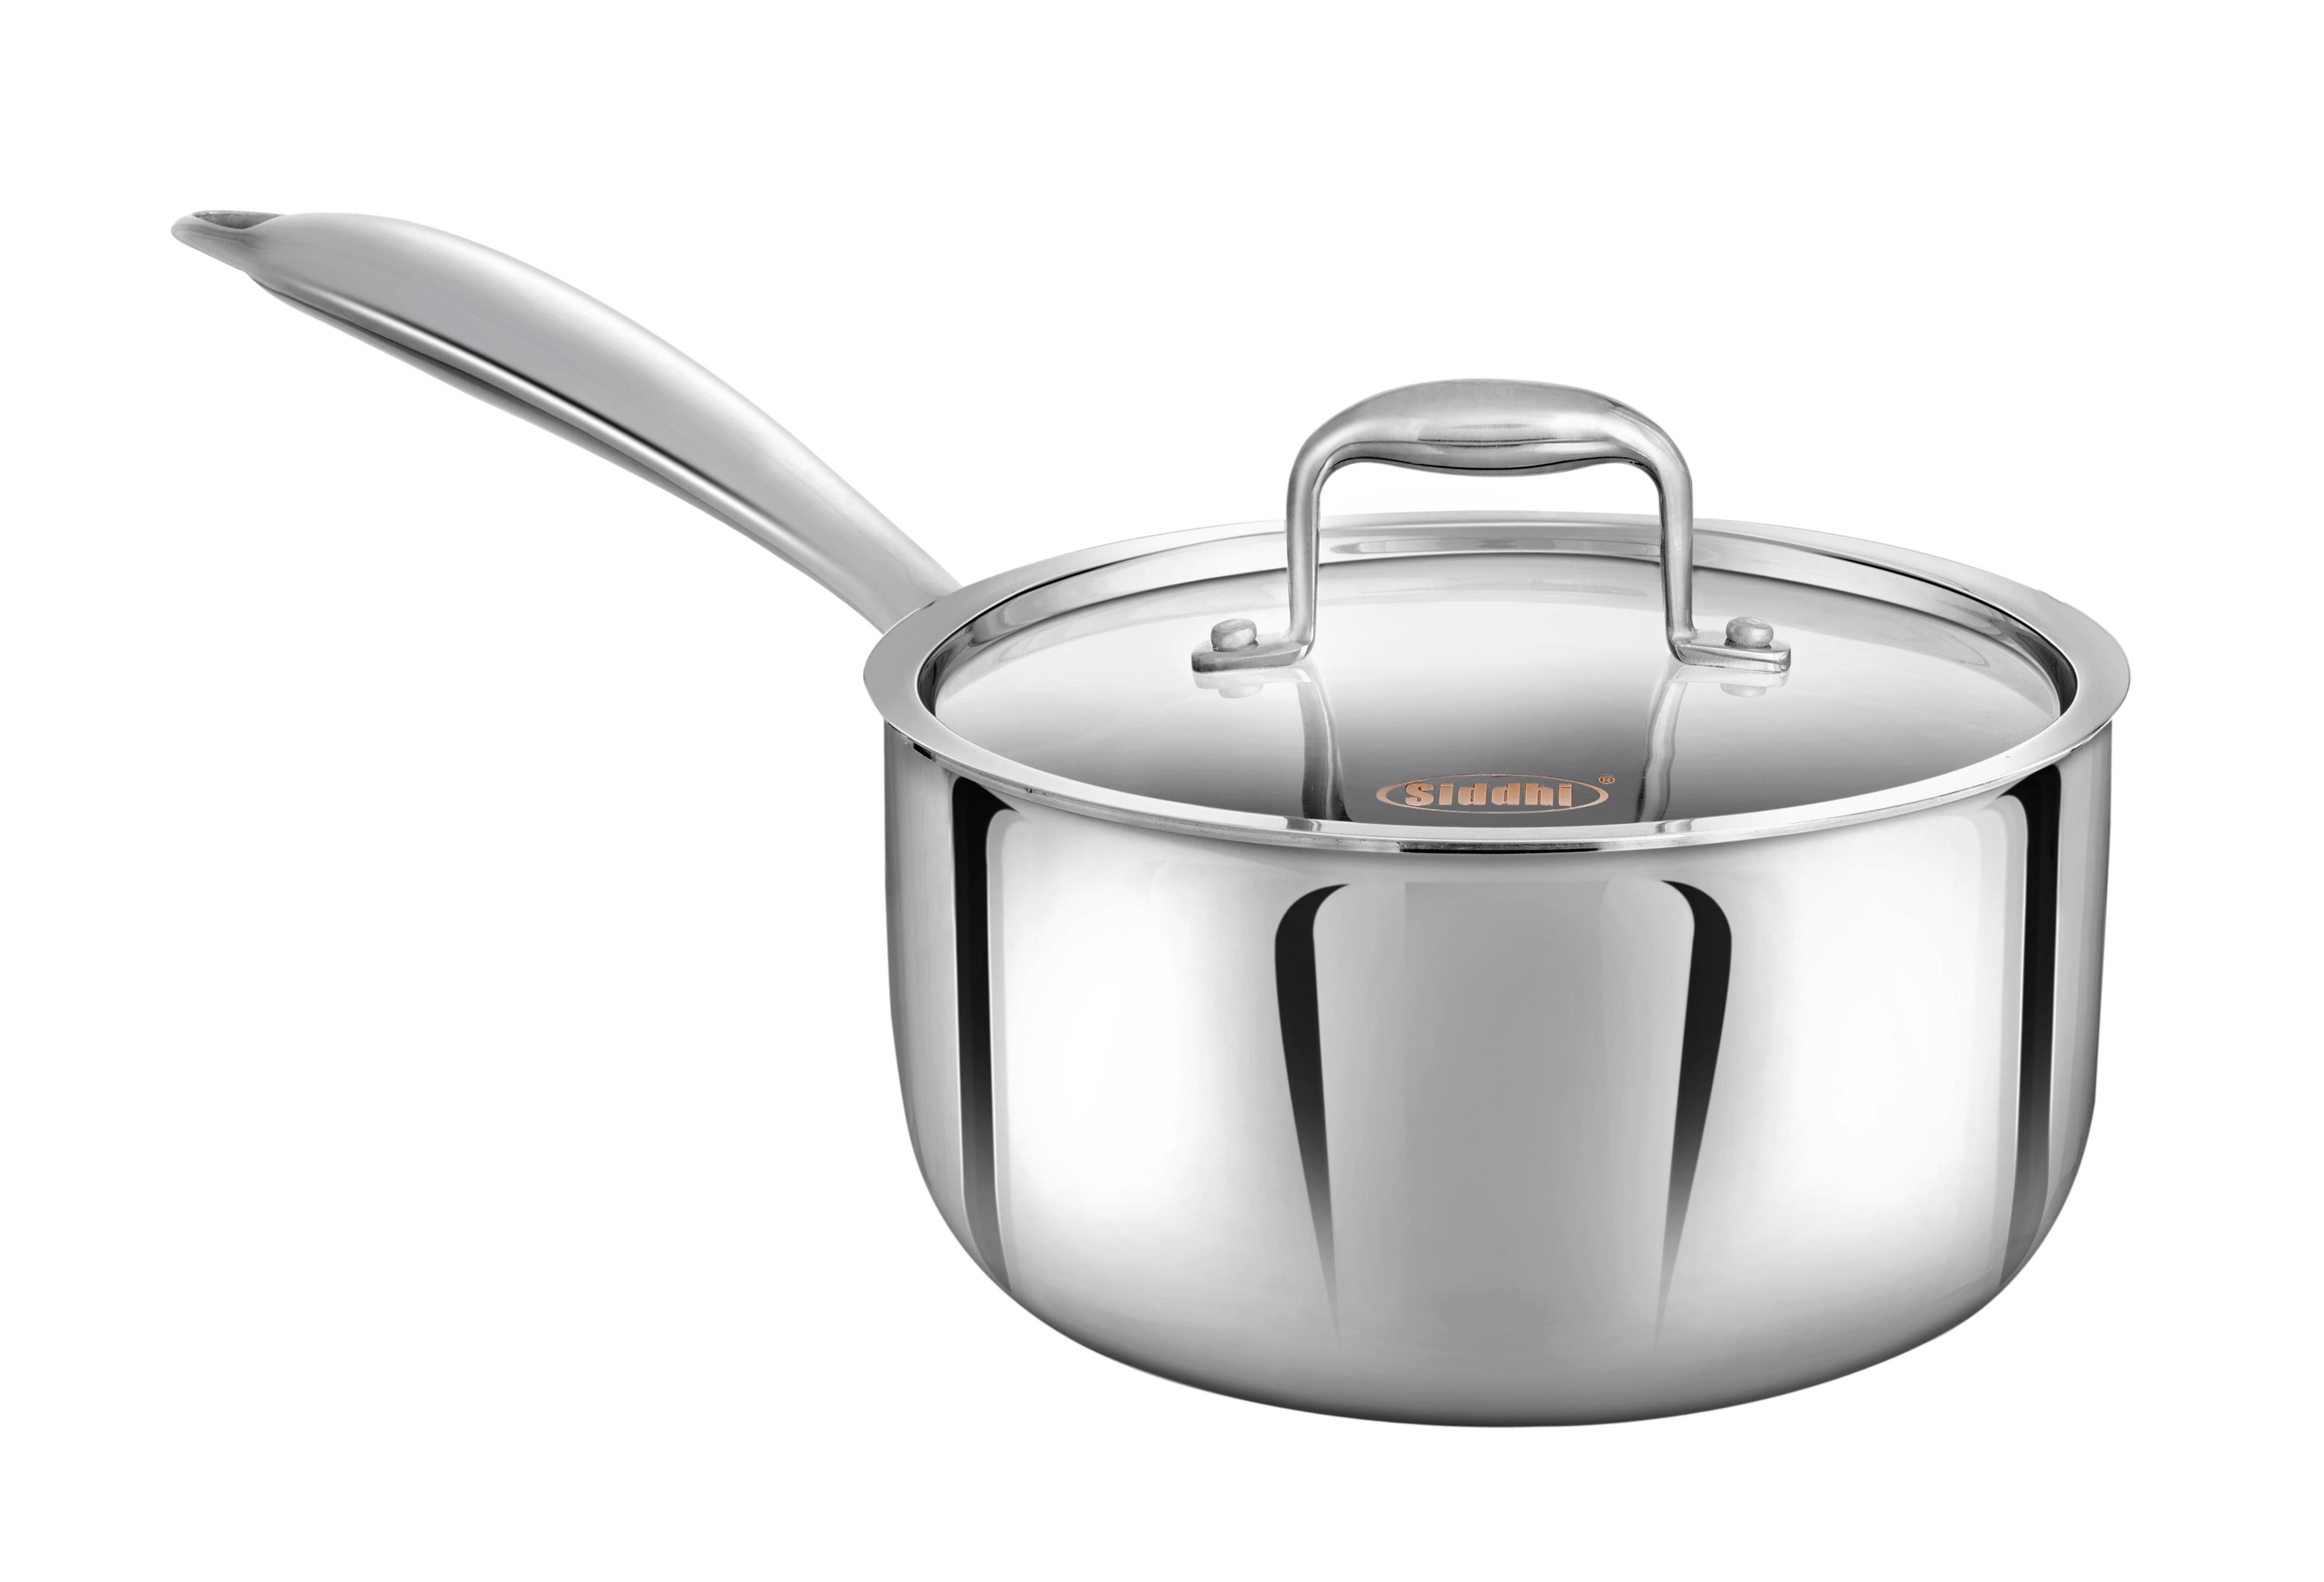 Tri-ply Sause Pan